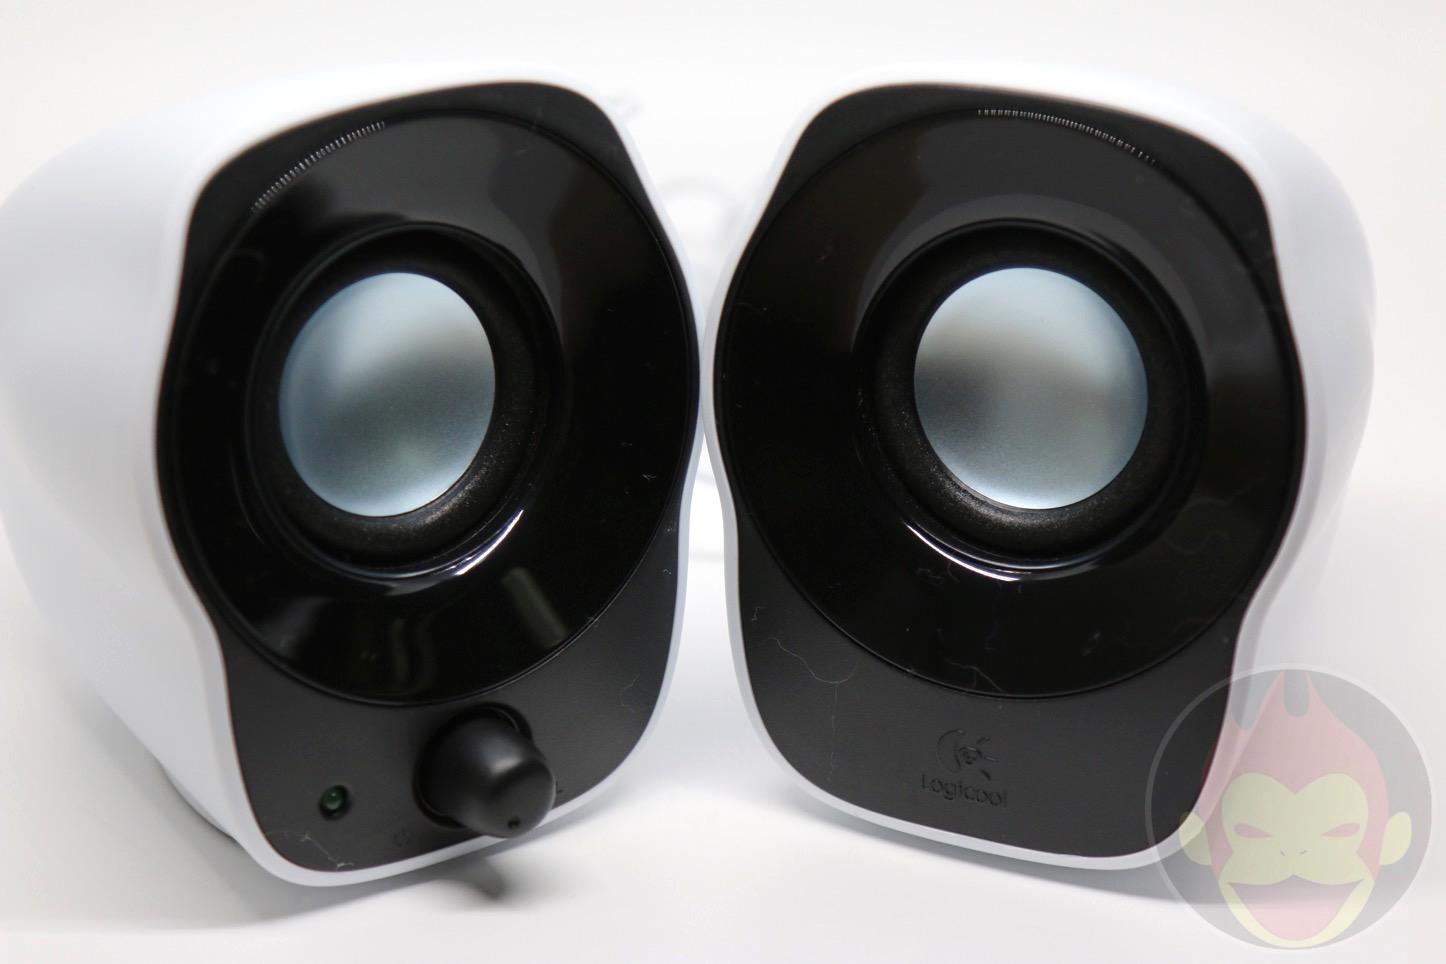 Logicool-Stereo-Speaker-Z120BW-19.JPG